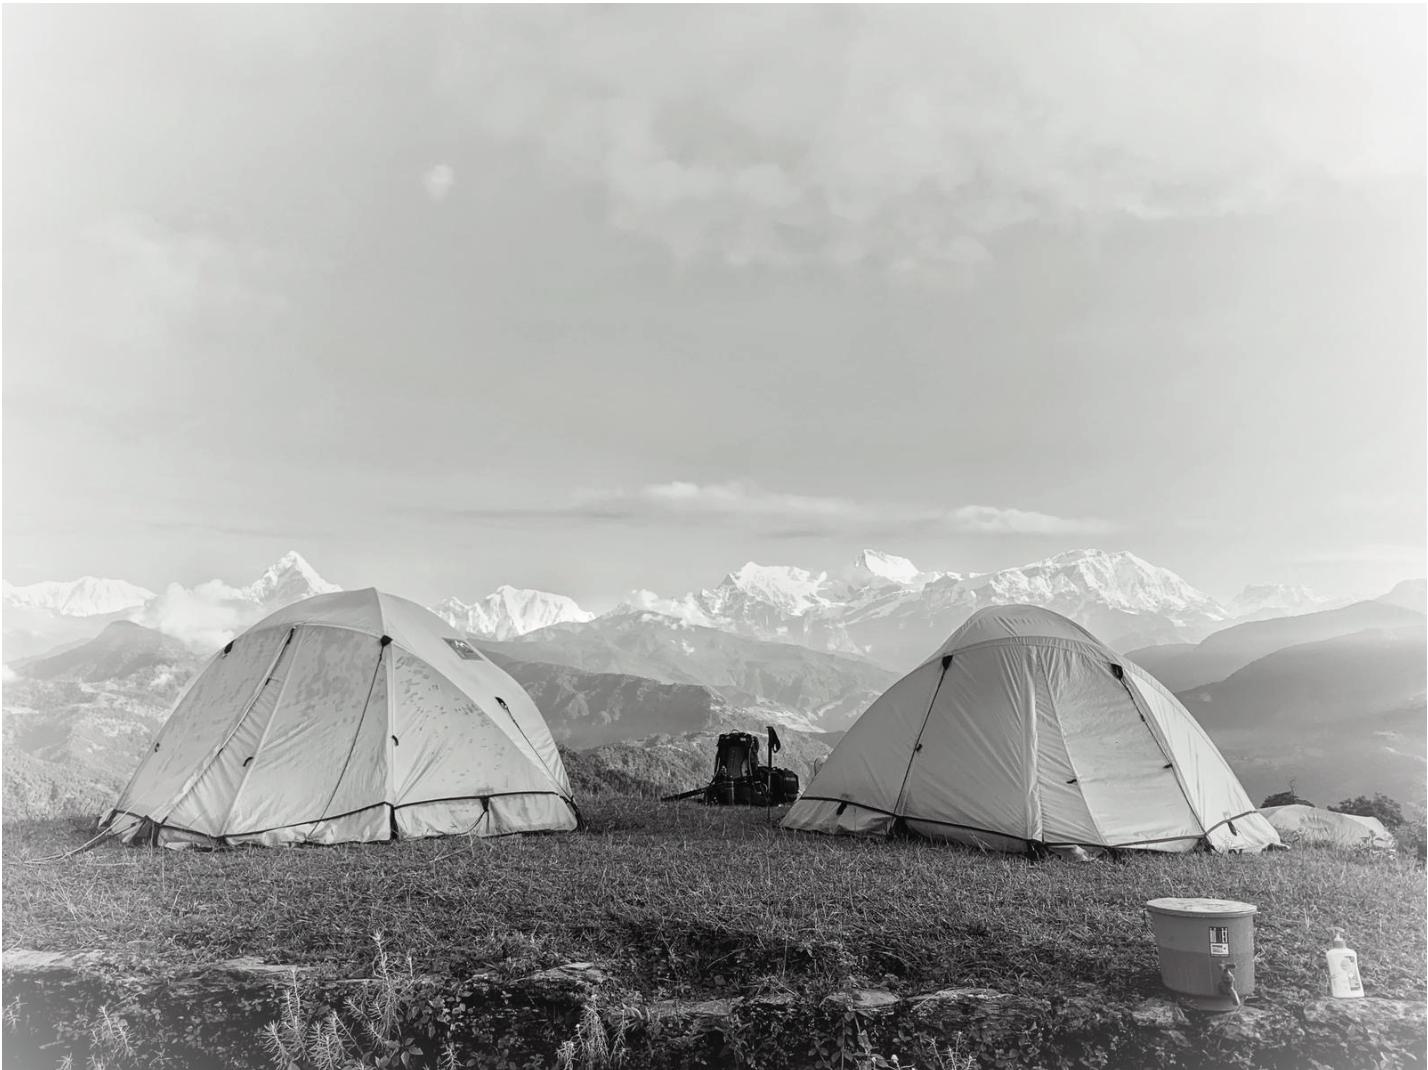 Bastiaan Woudt, Nepal 2019